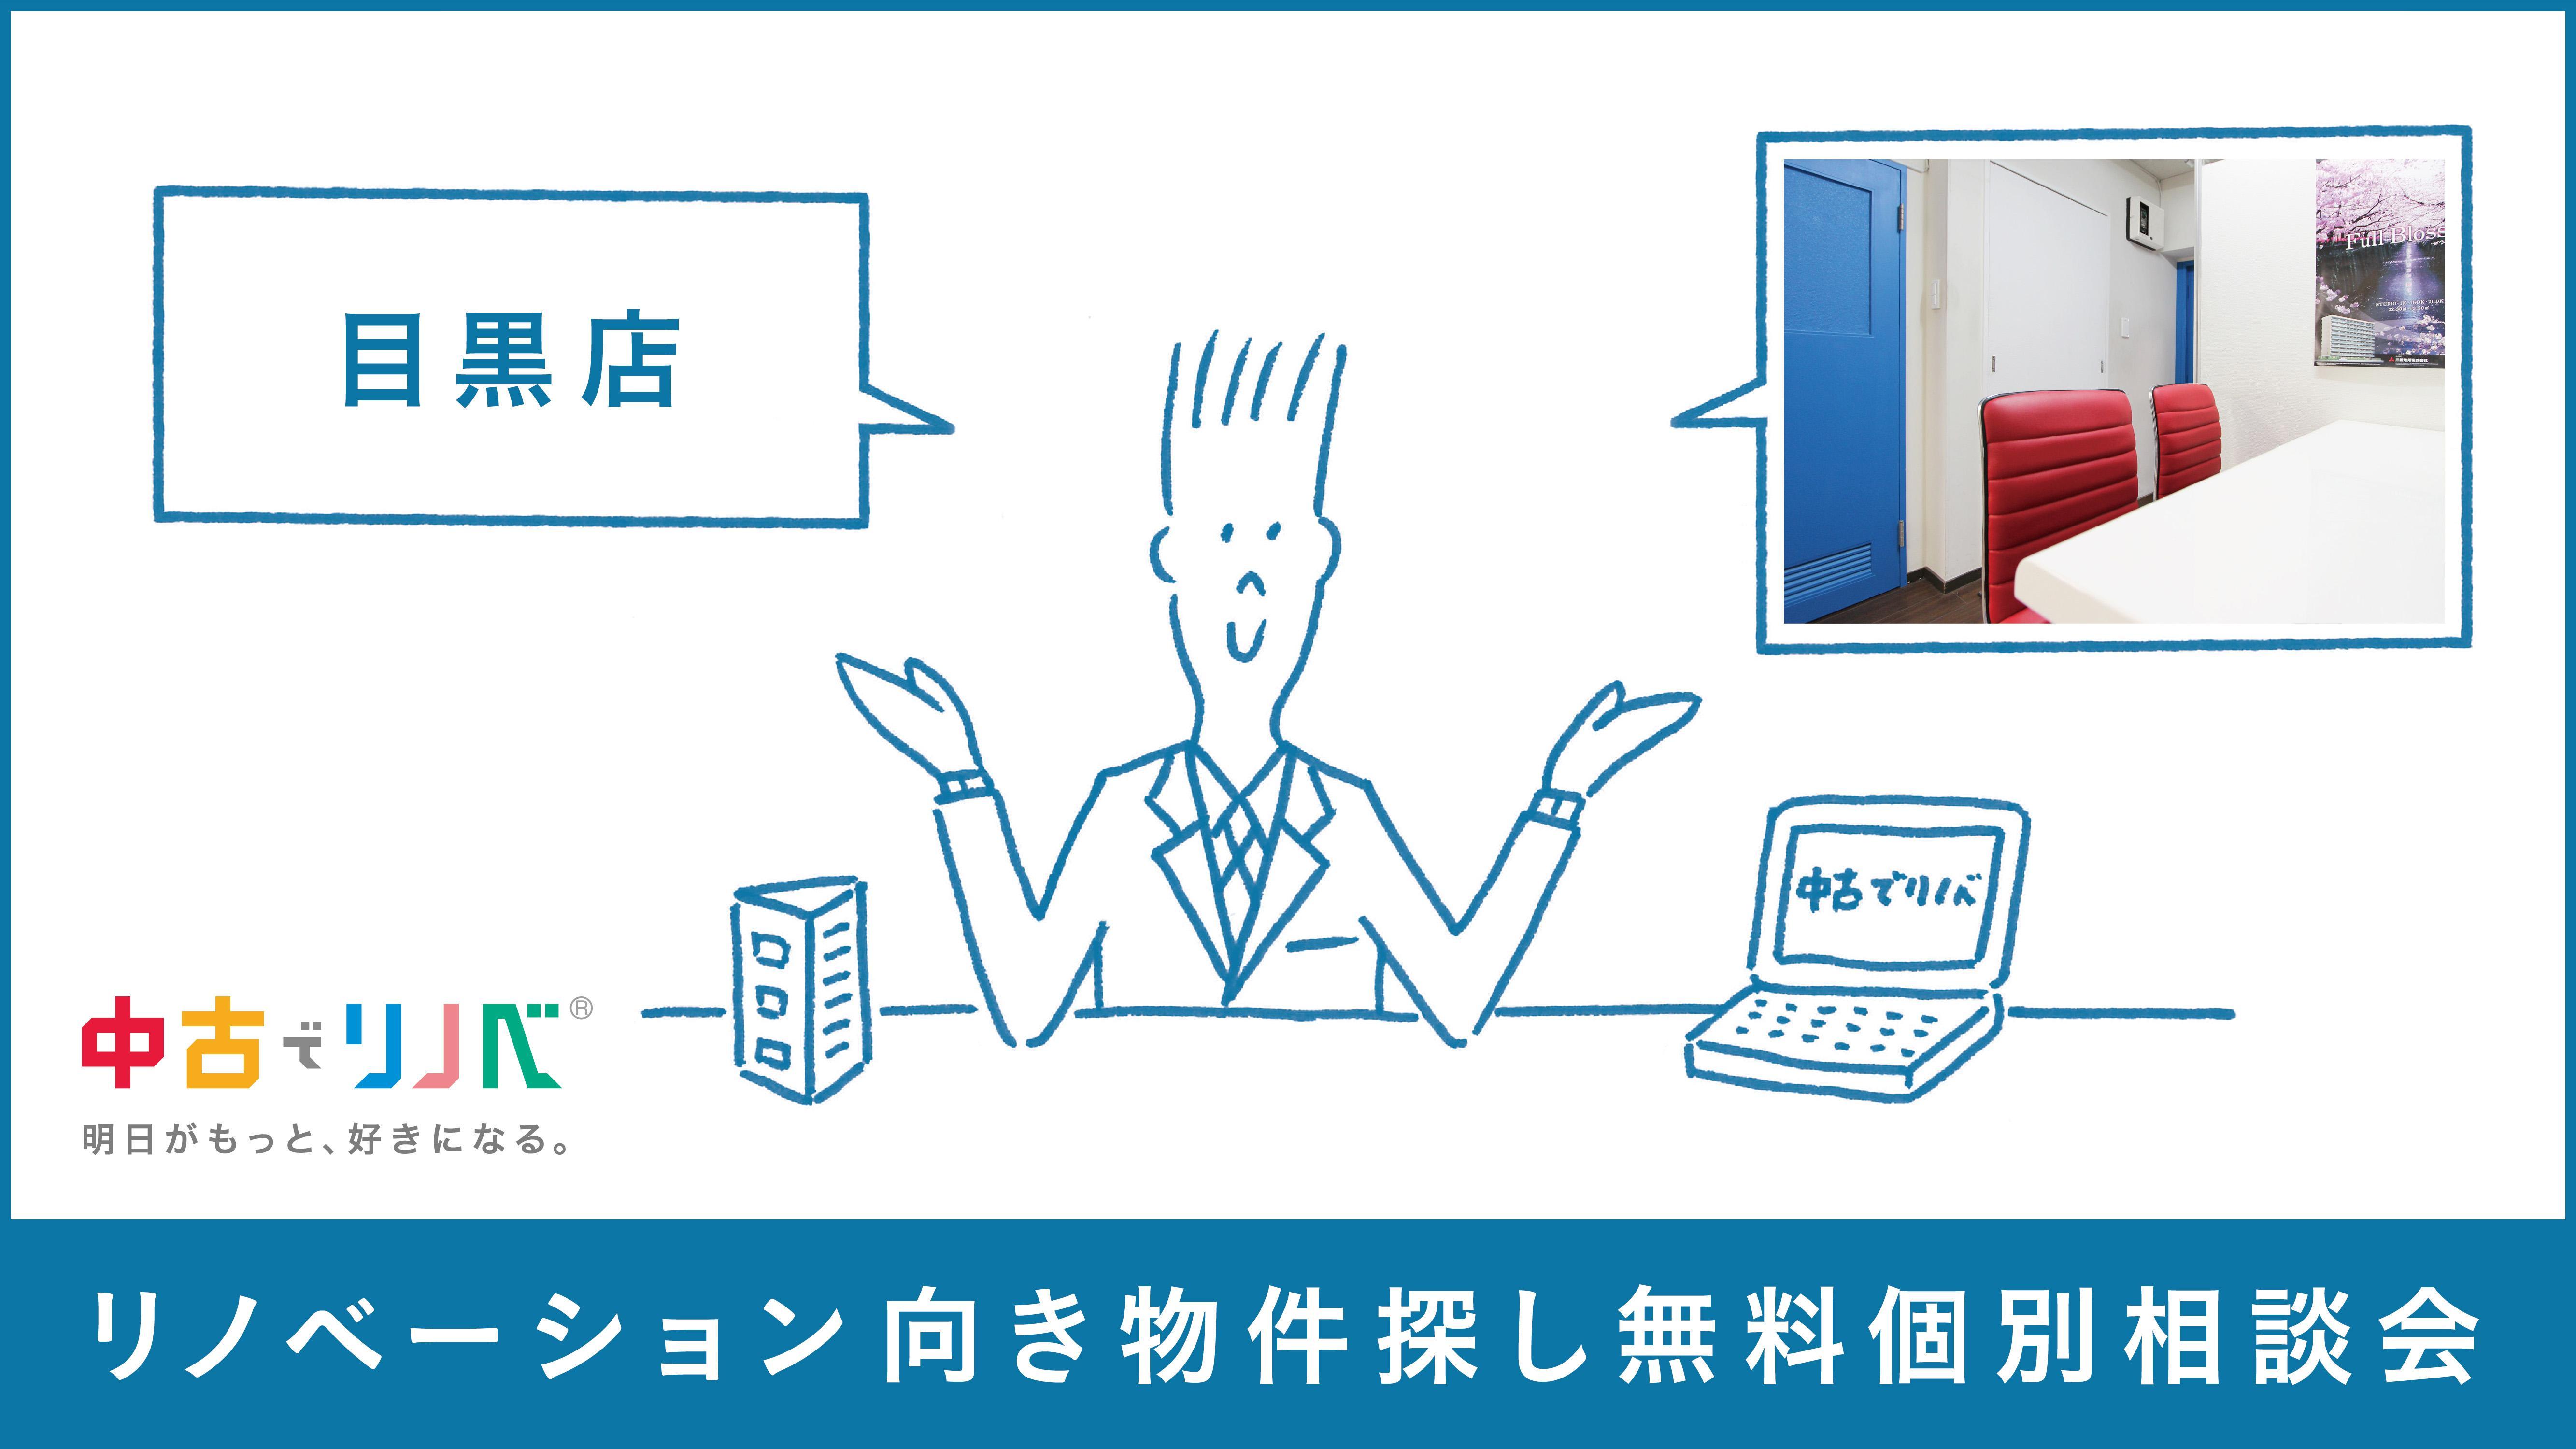 【2/10(土)11(日)12(月・祝)  in目黒】リノベーション向き物件探し無料個別相談会